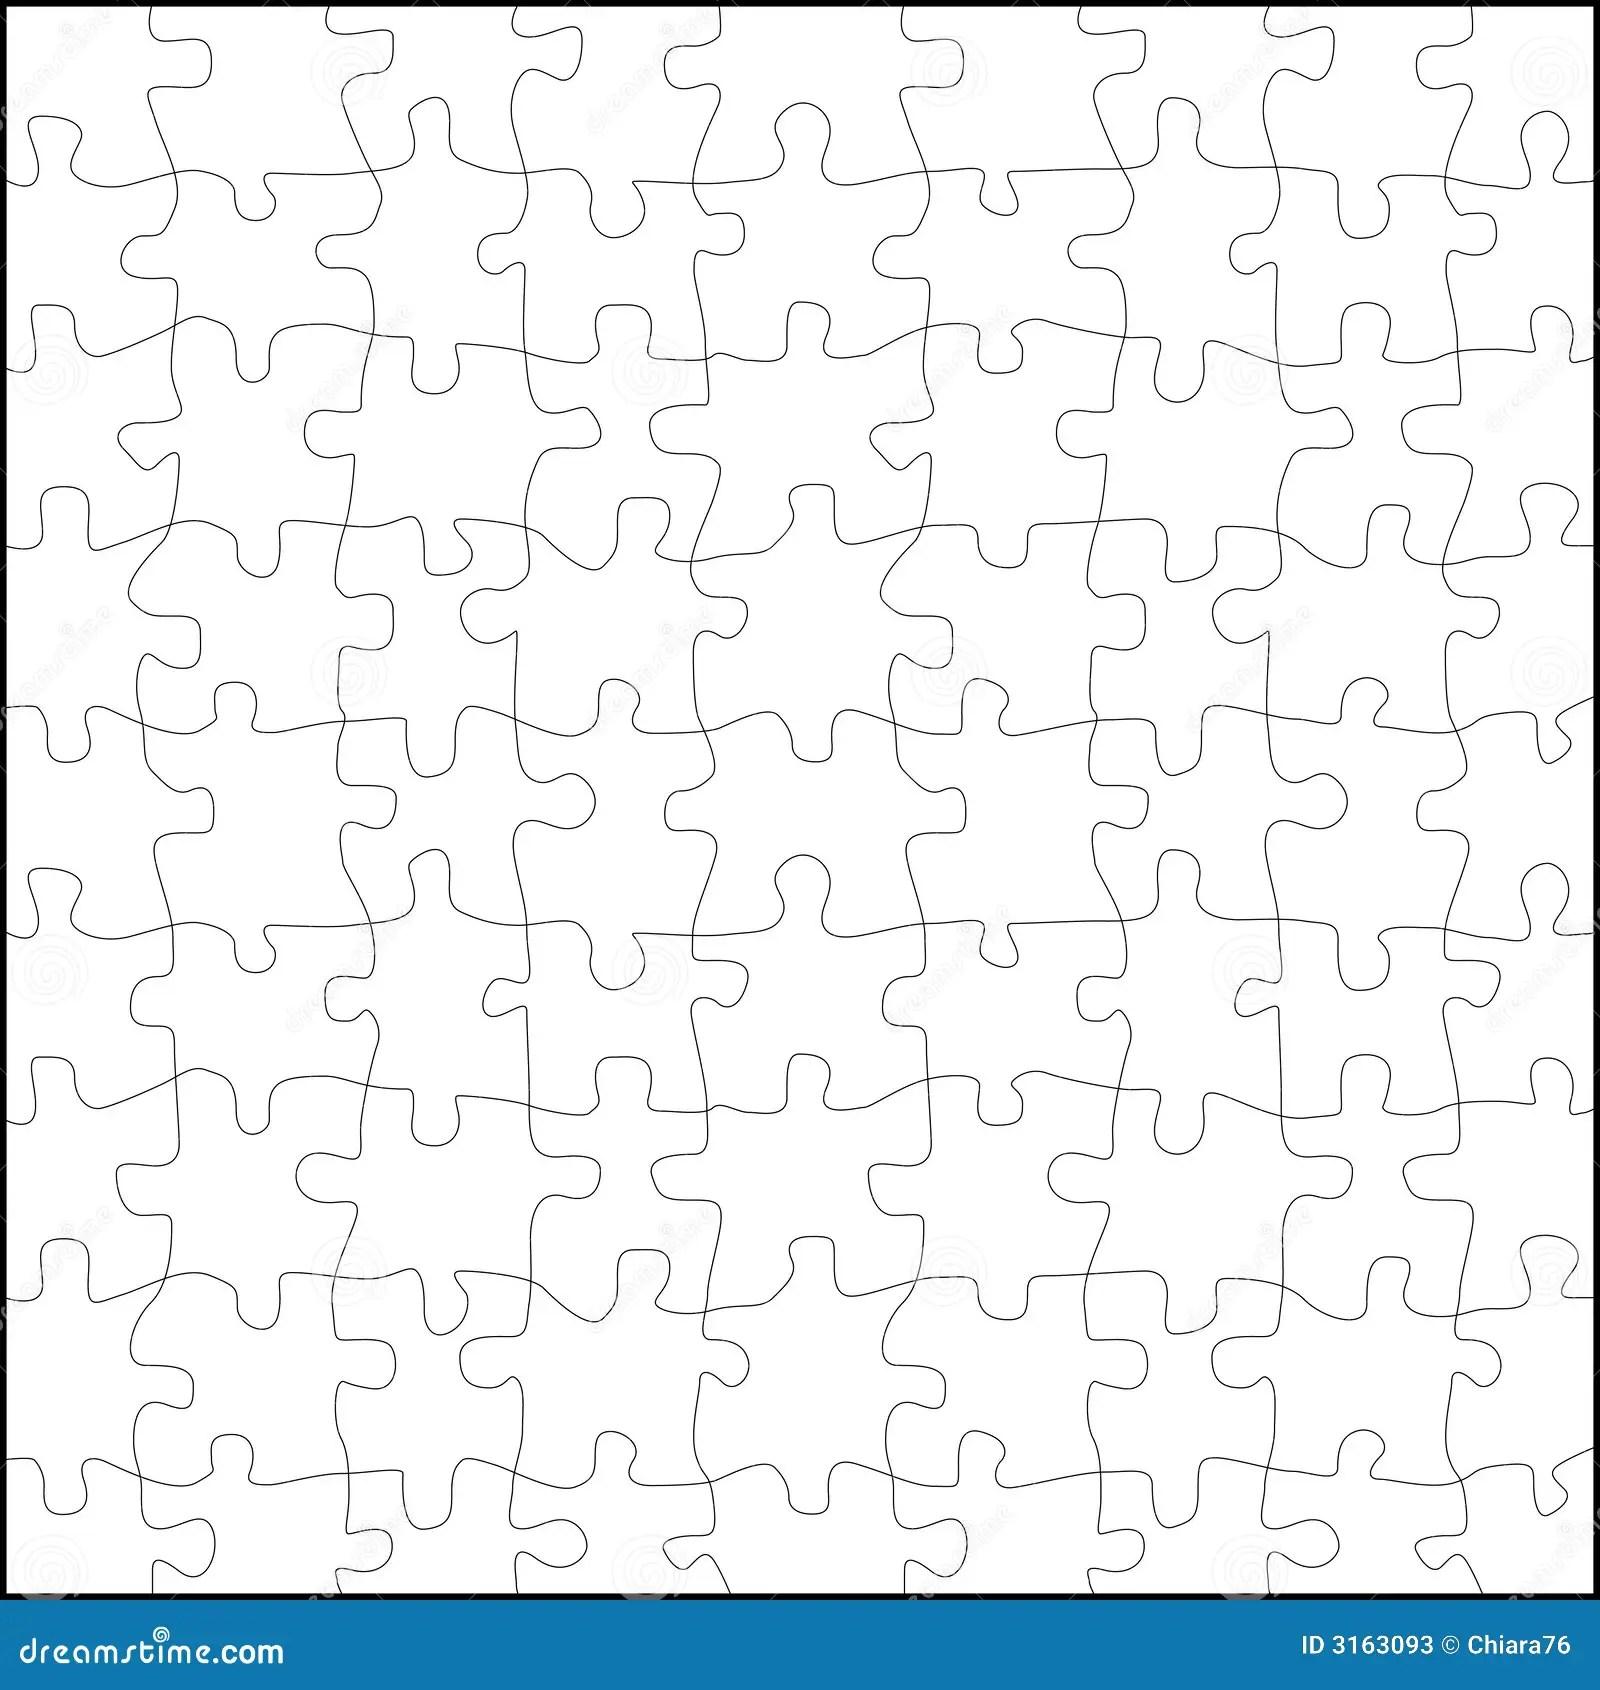 Puzzle Vector Stock Photos